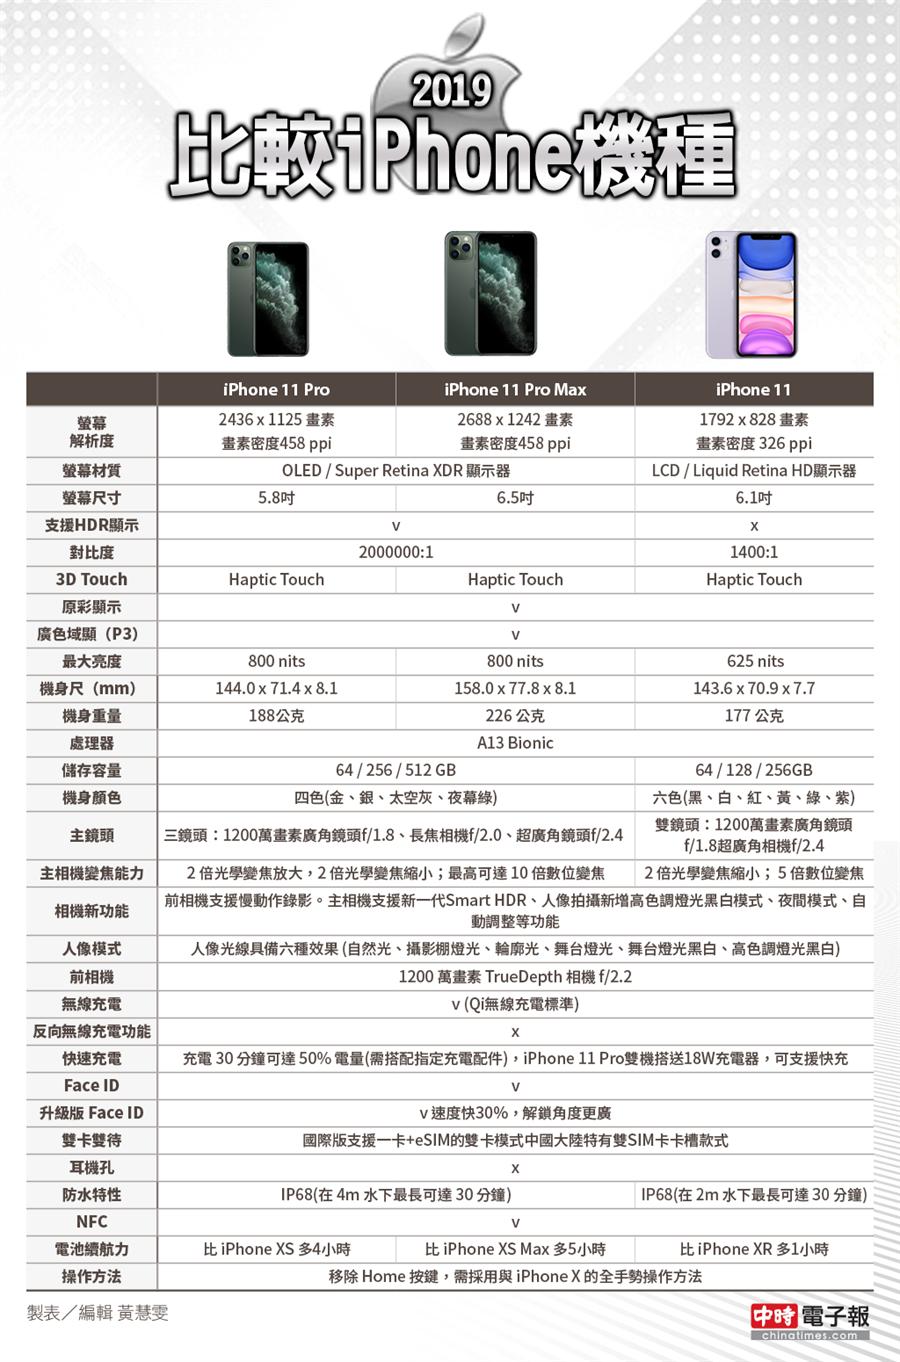 三款iPhone 11新機怎麼挑?規格大對比。(黃慧雯製表)